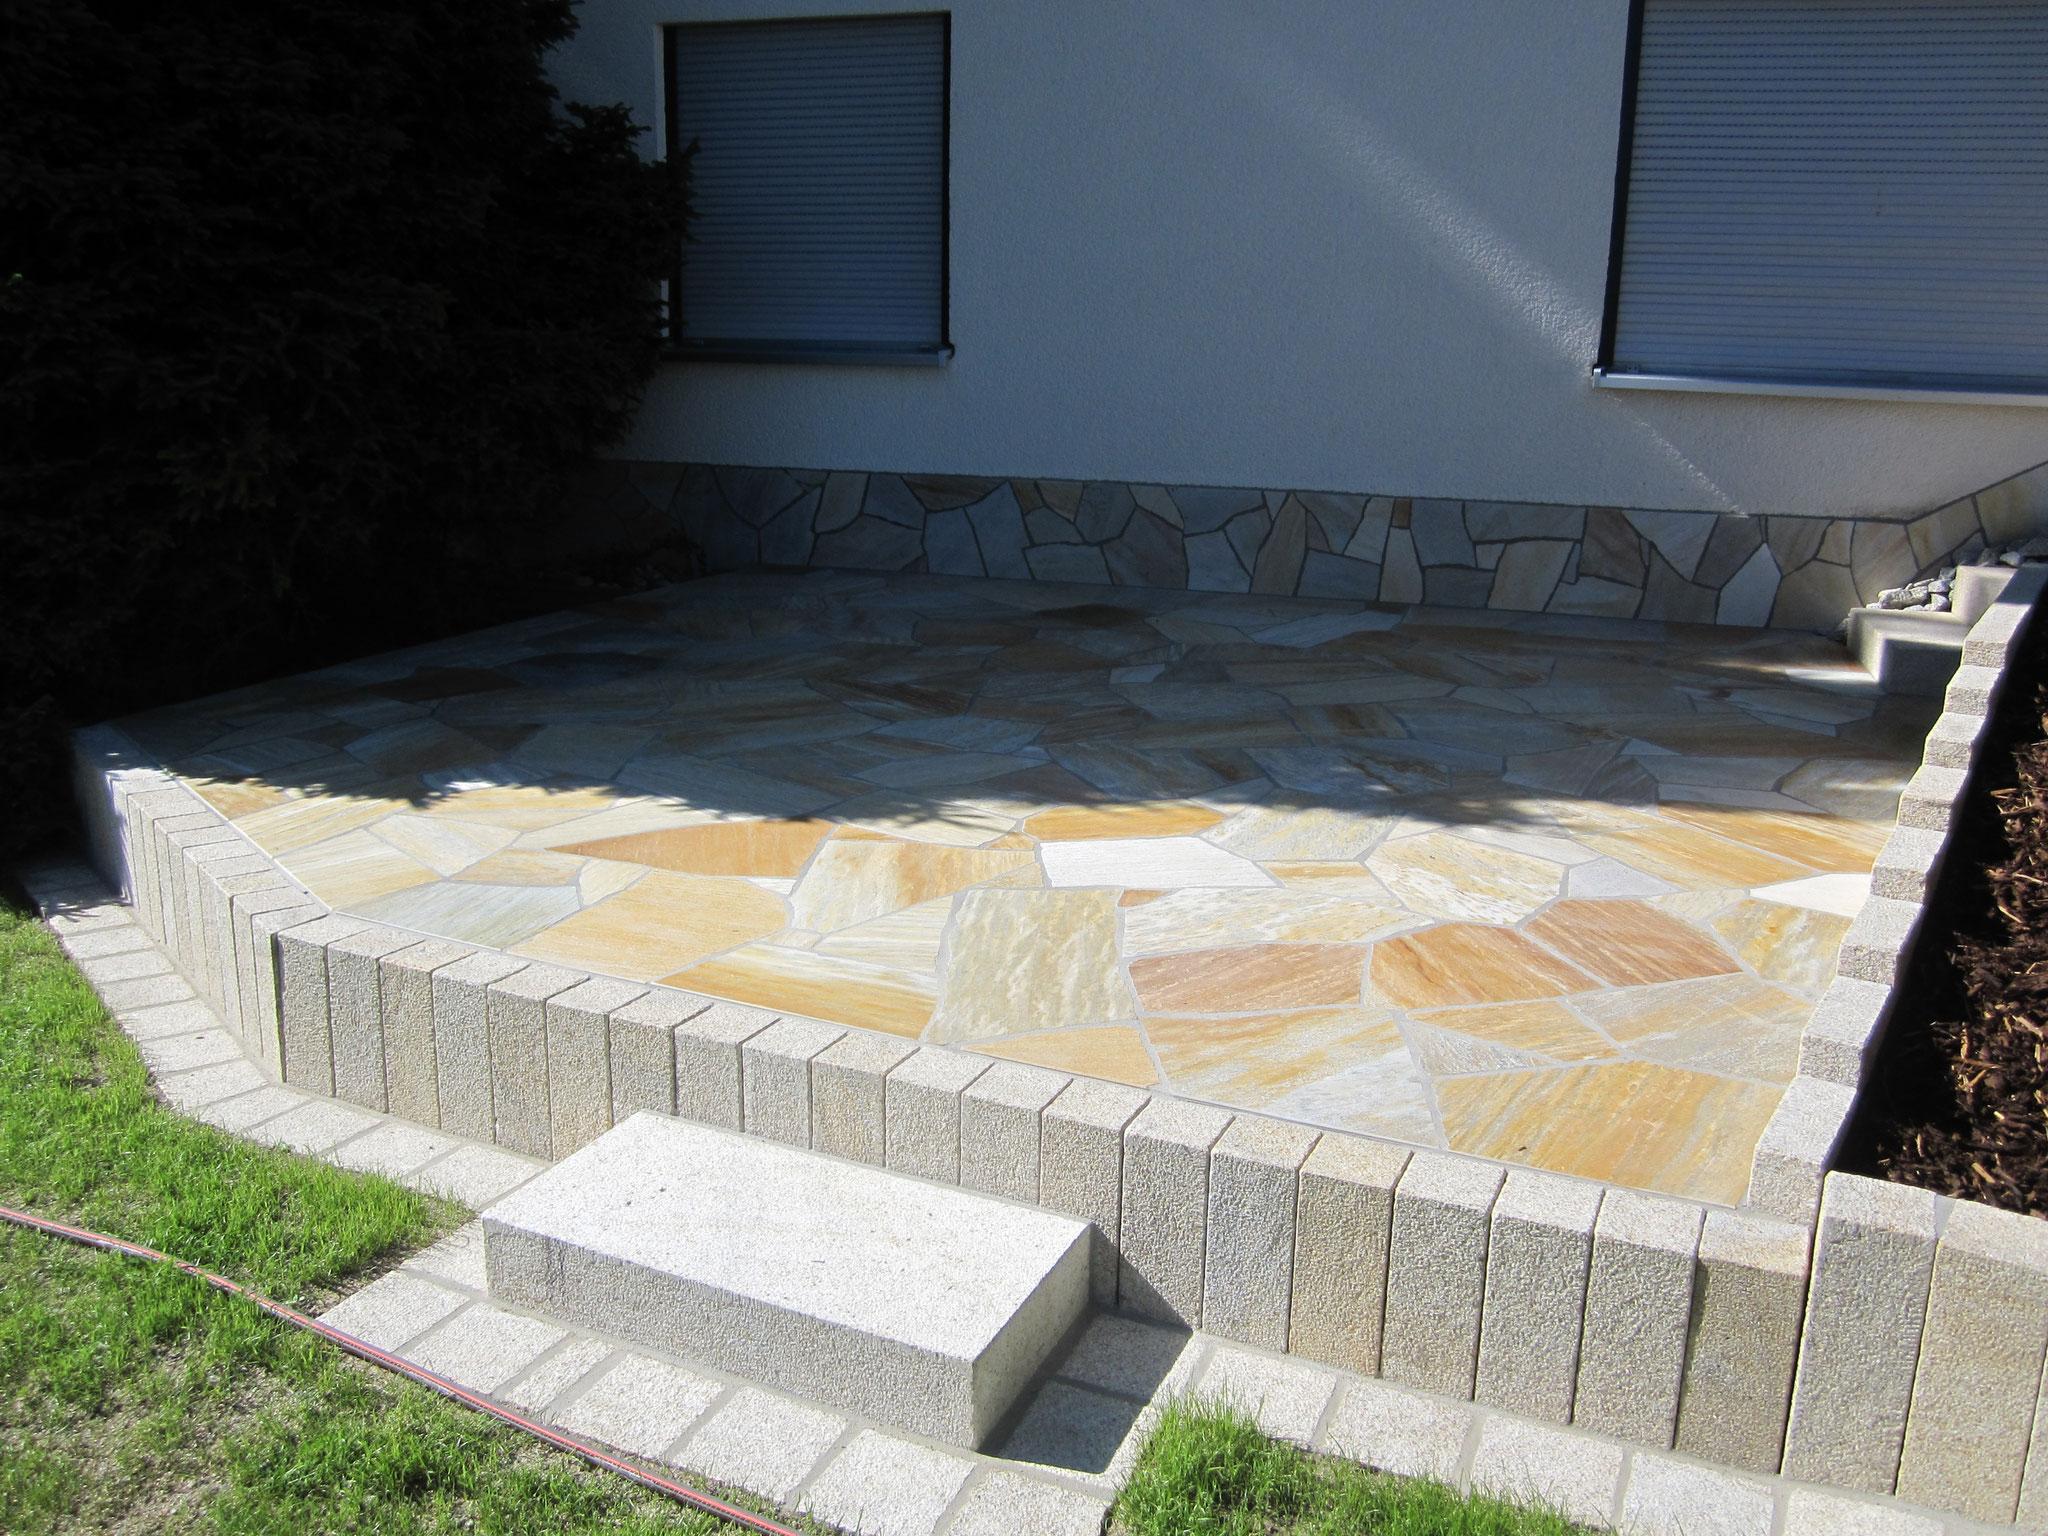 Terrasse mit Naturstein - Polygonalverlegung